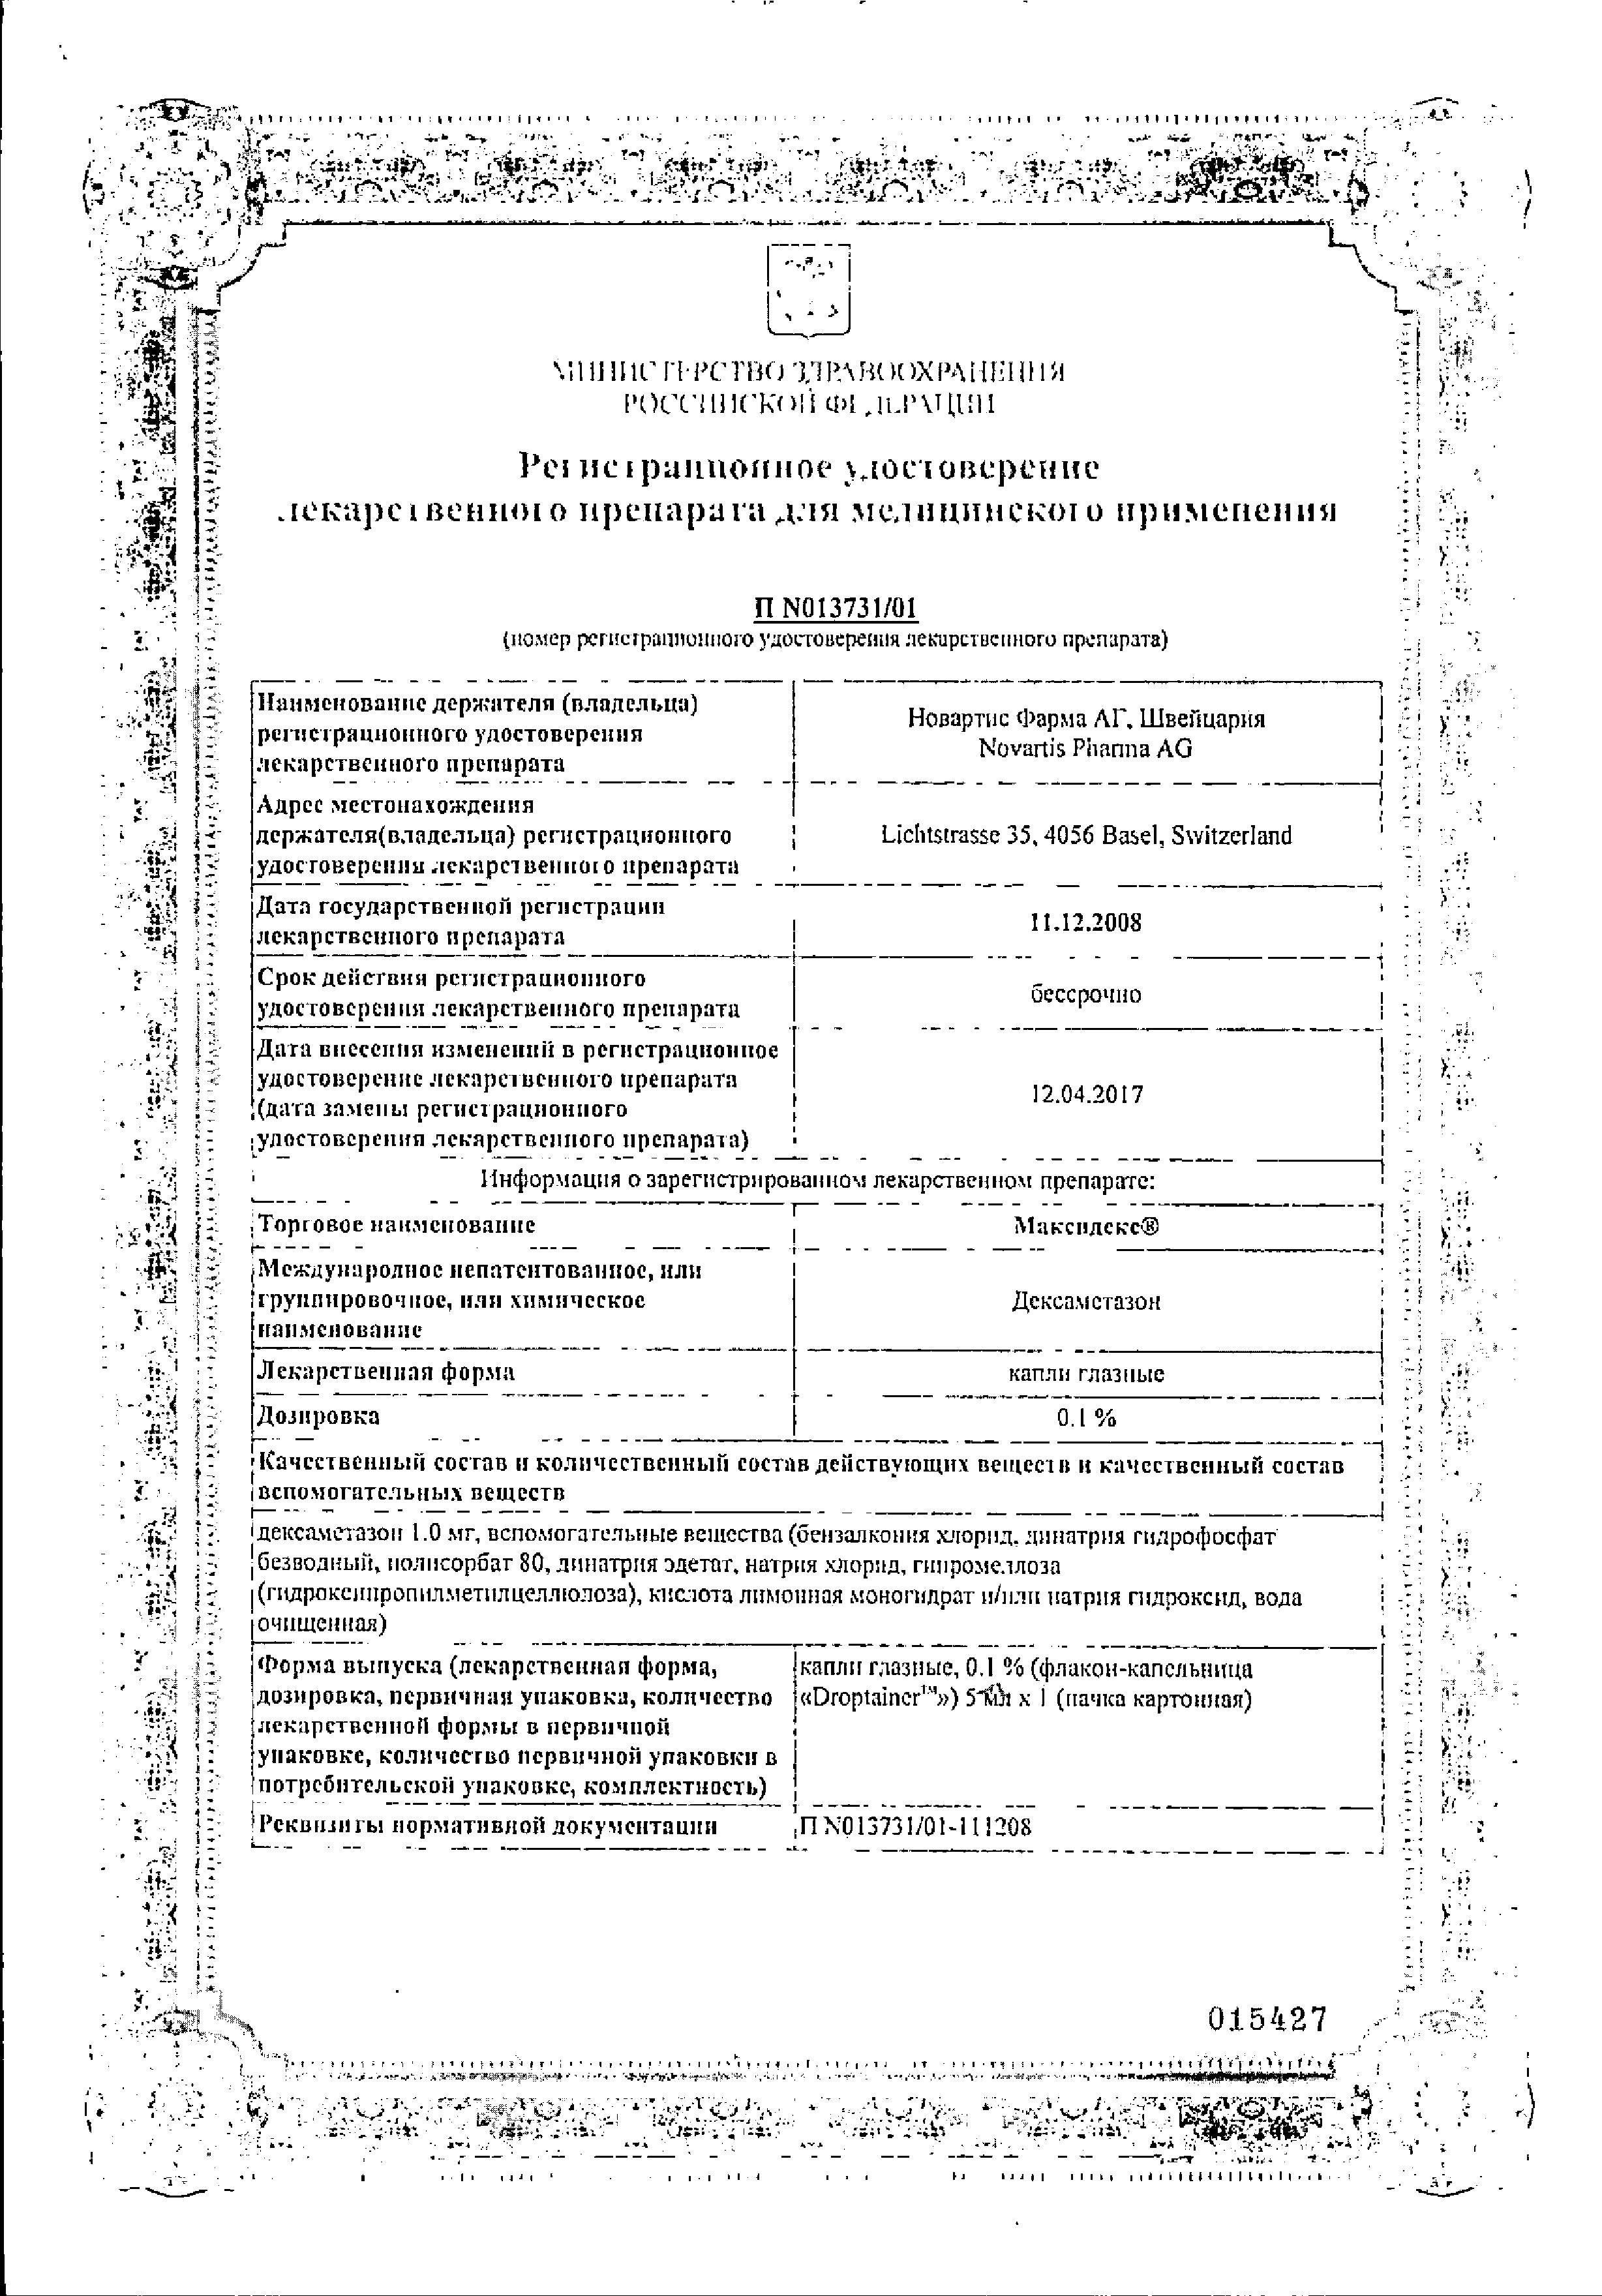 Максидекс сертификат